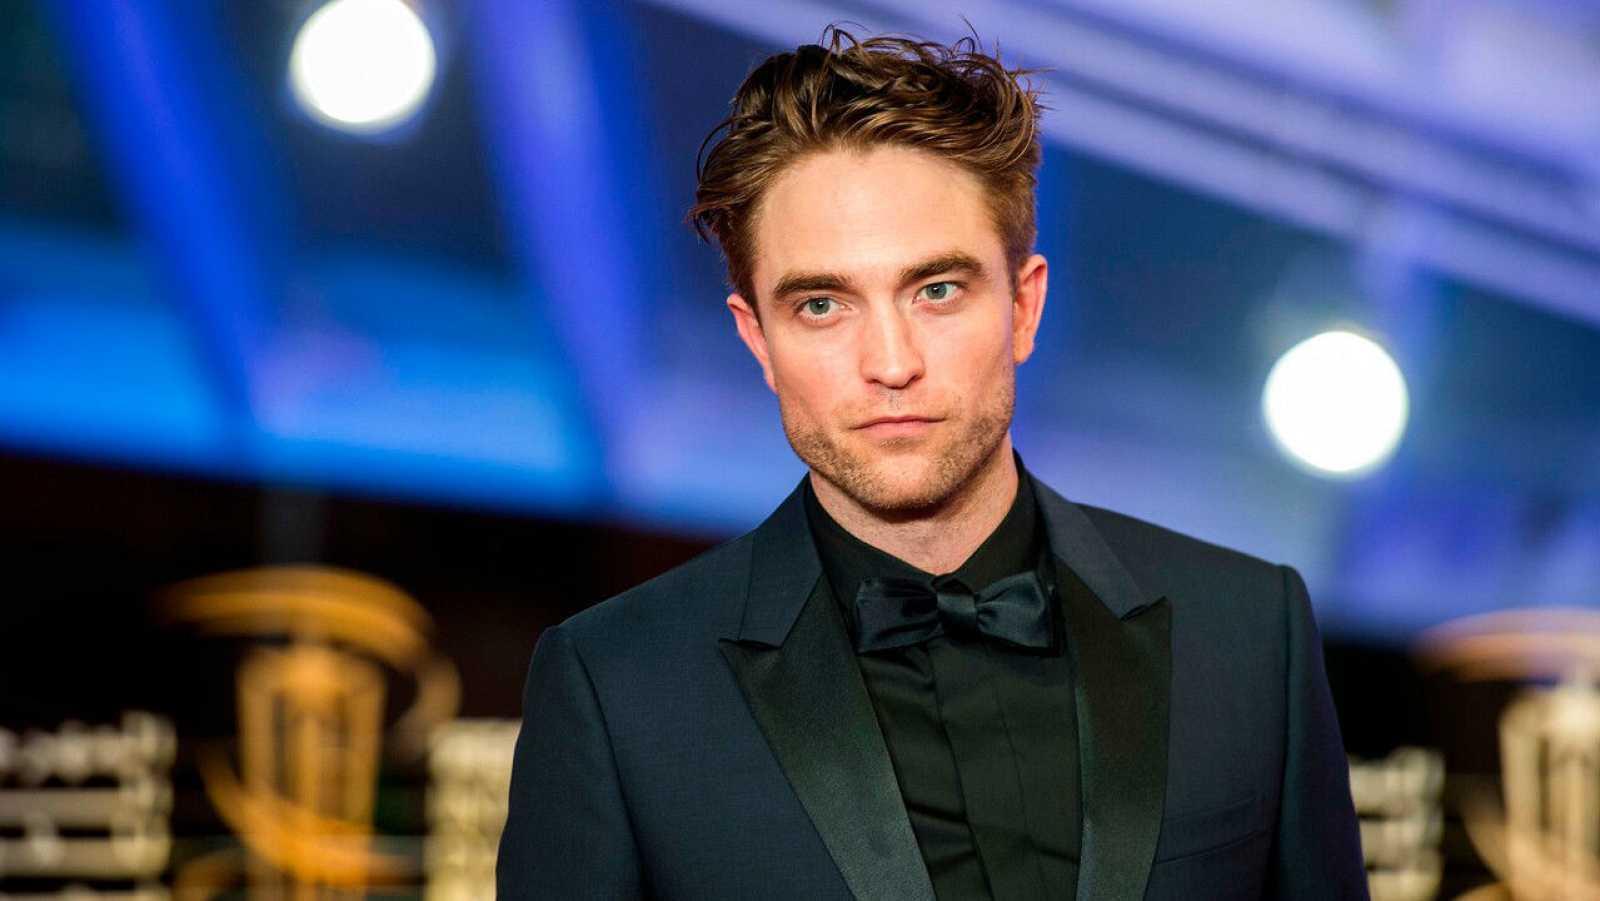 El actor estadounidense Robert Pattinson en el Festival Internacional de Cine de Marrakech.